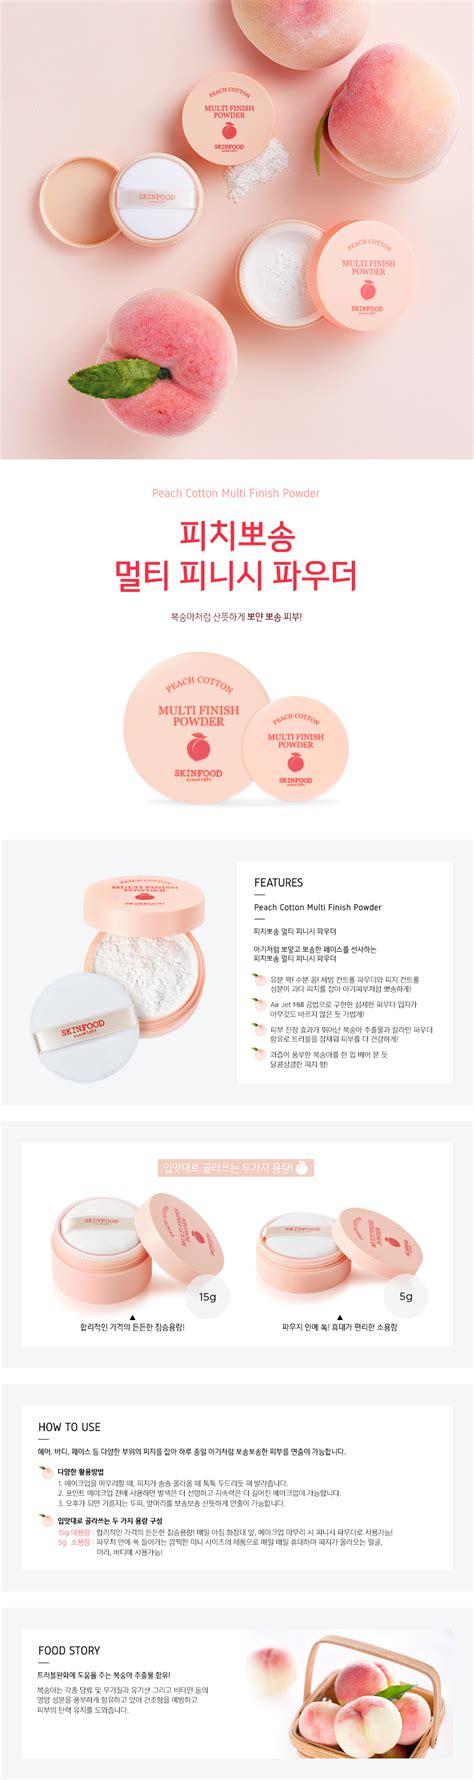 Skinfood Cotton Multi Finish Powder 6g skinfood cotton multi finish powder 5g